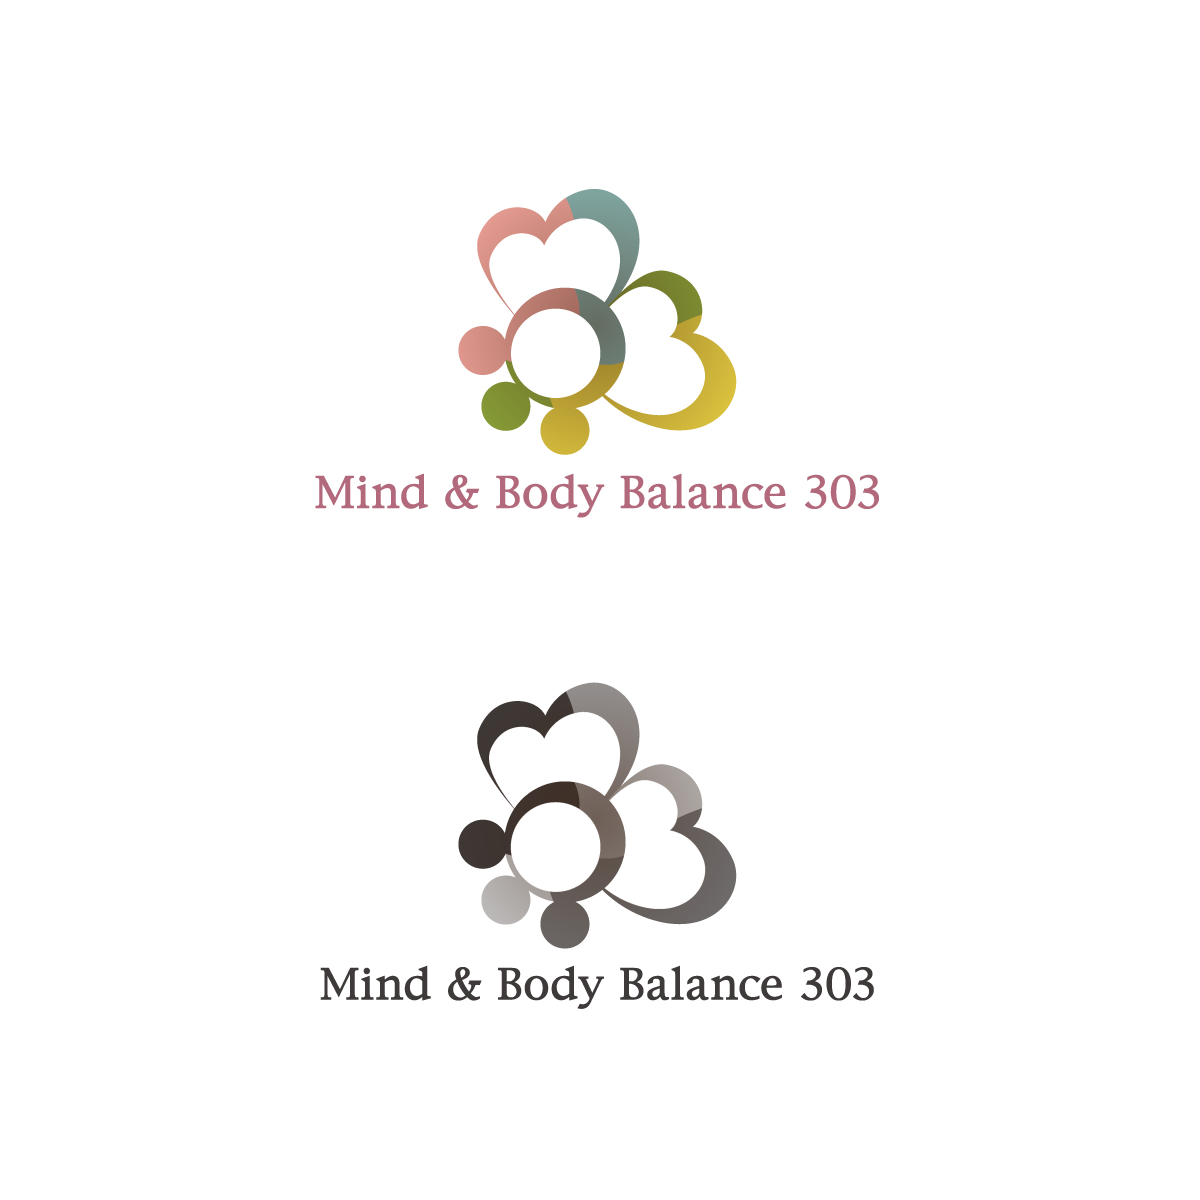 マインド&ボディバランス303様ロゴ